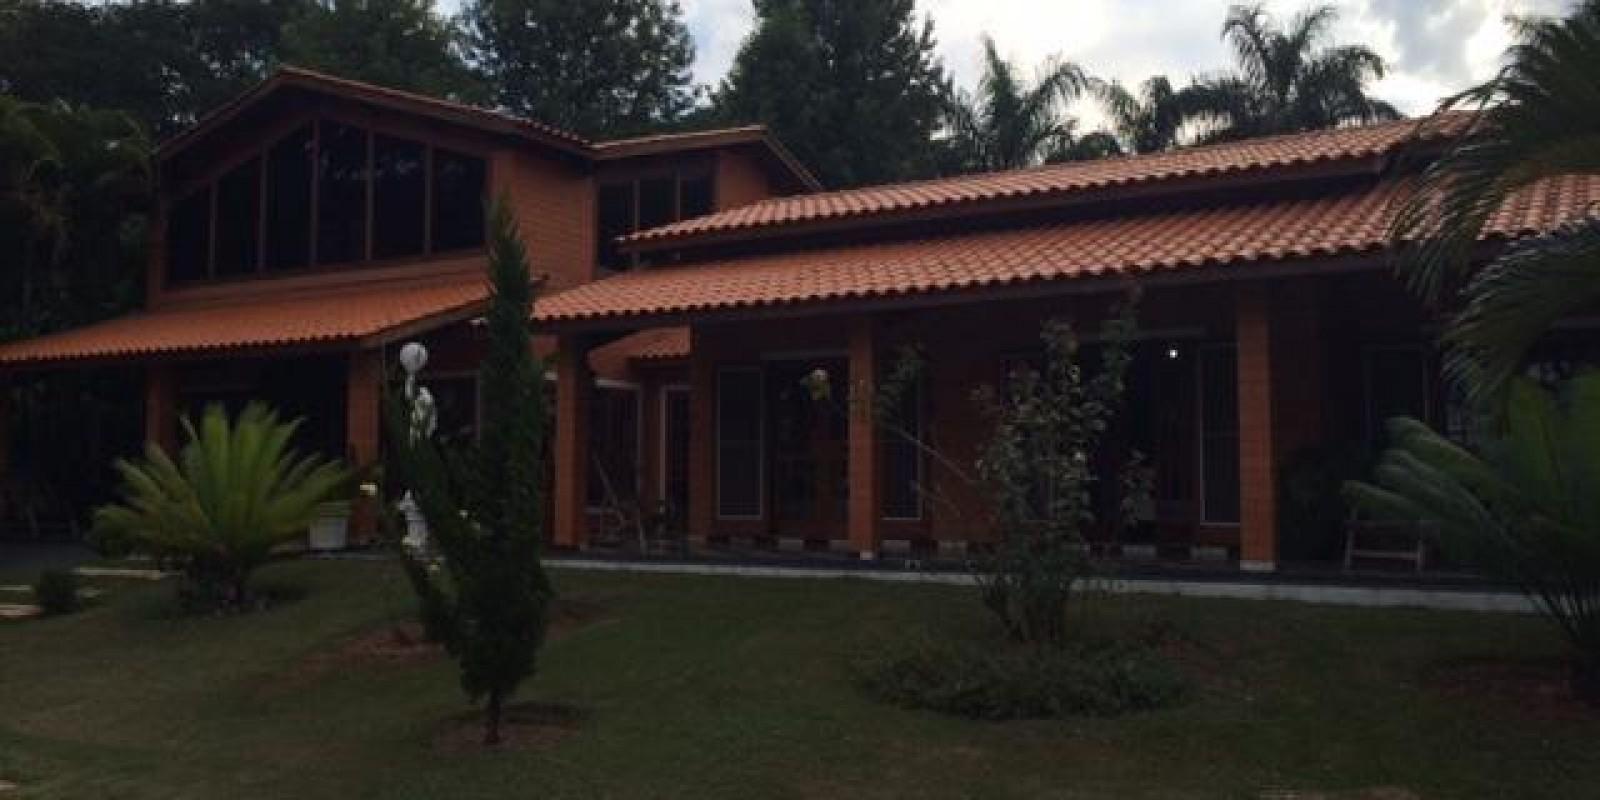 Casa na Represa em Avaré SP - Foto 4 de 20